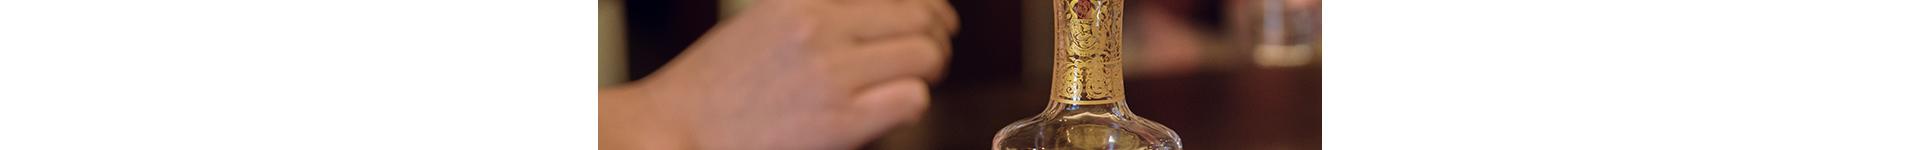 老宗醫-吃酒有方-59